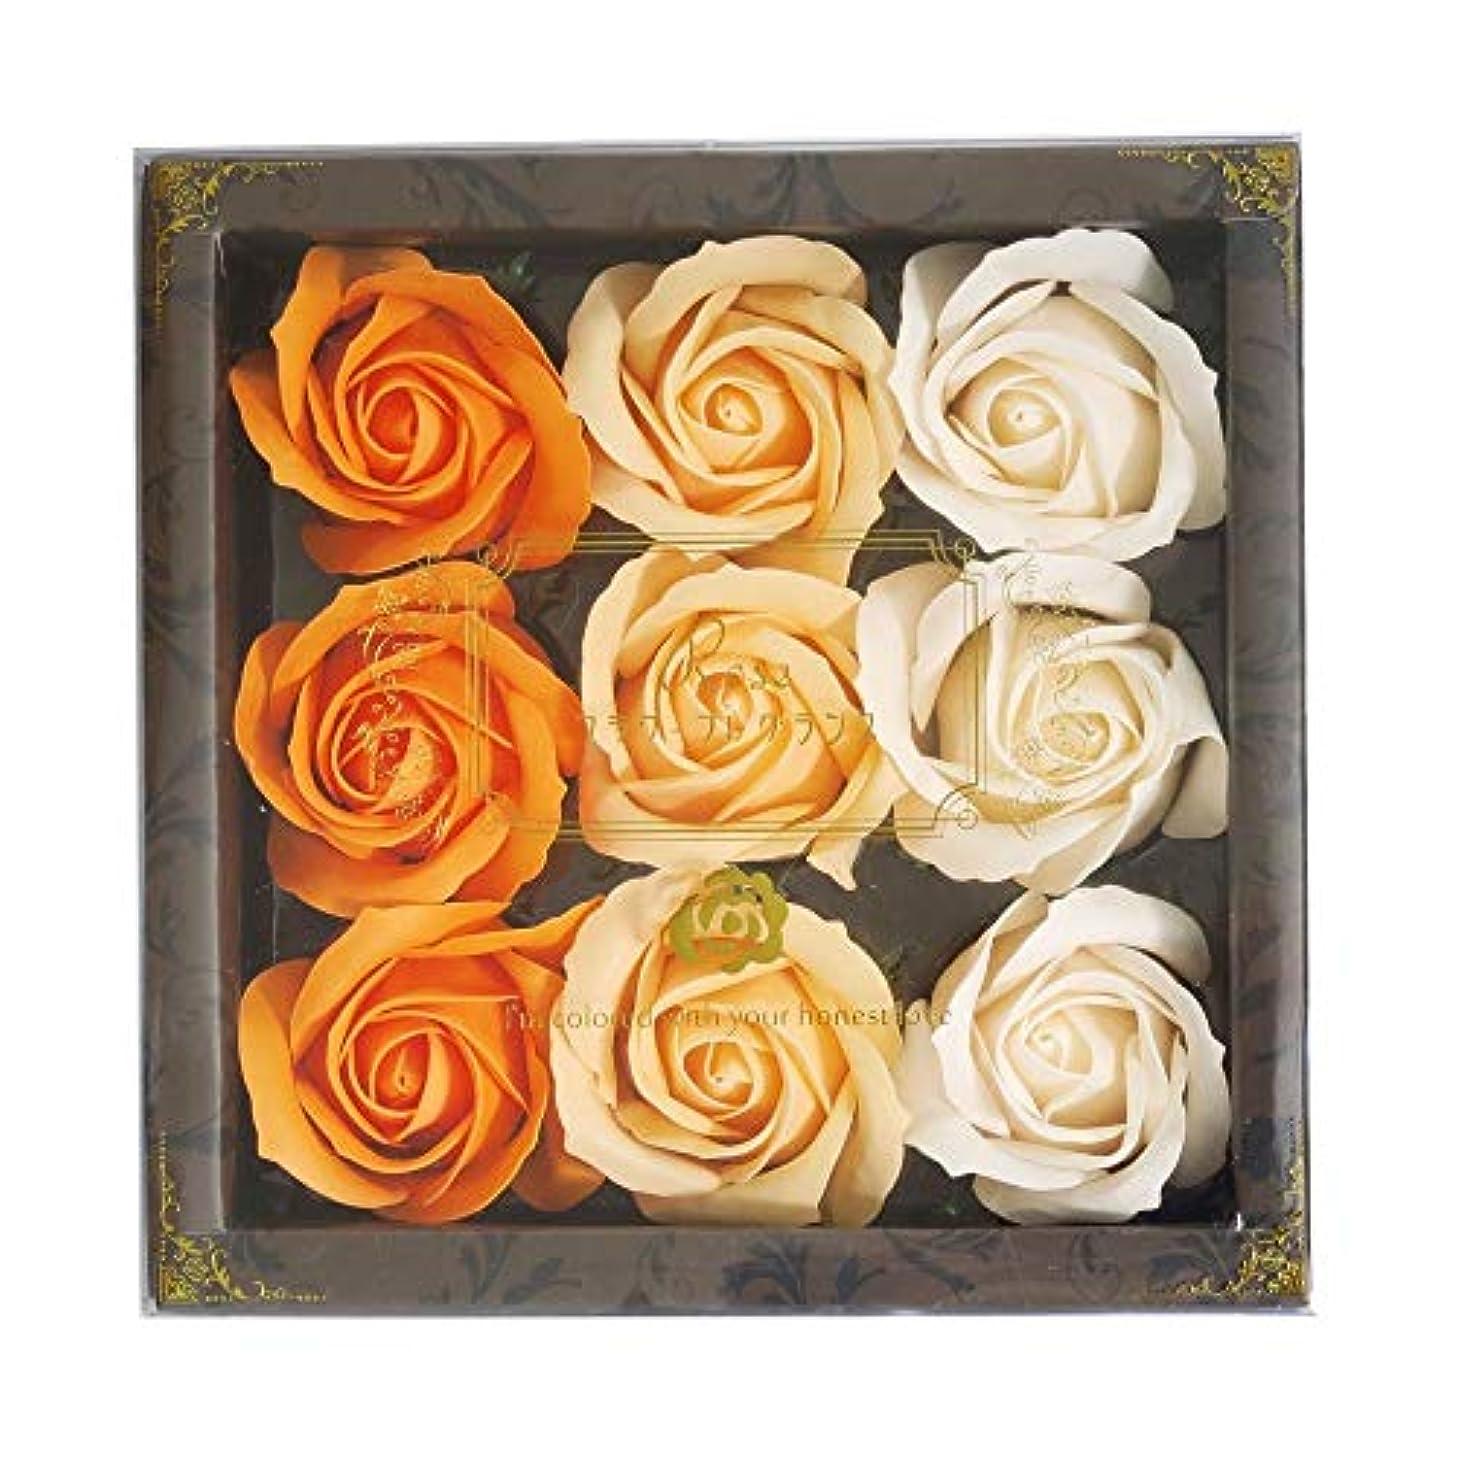 不正クラック混乱させる花のカタチの入浴料 ローズ バスフレグランス フラワーフレグランス バスフラワー (オレンジ)